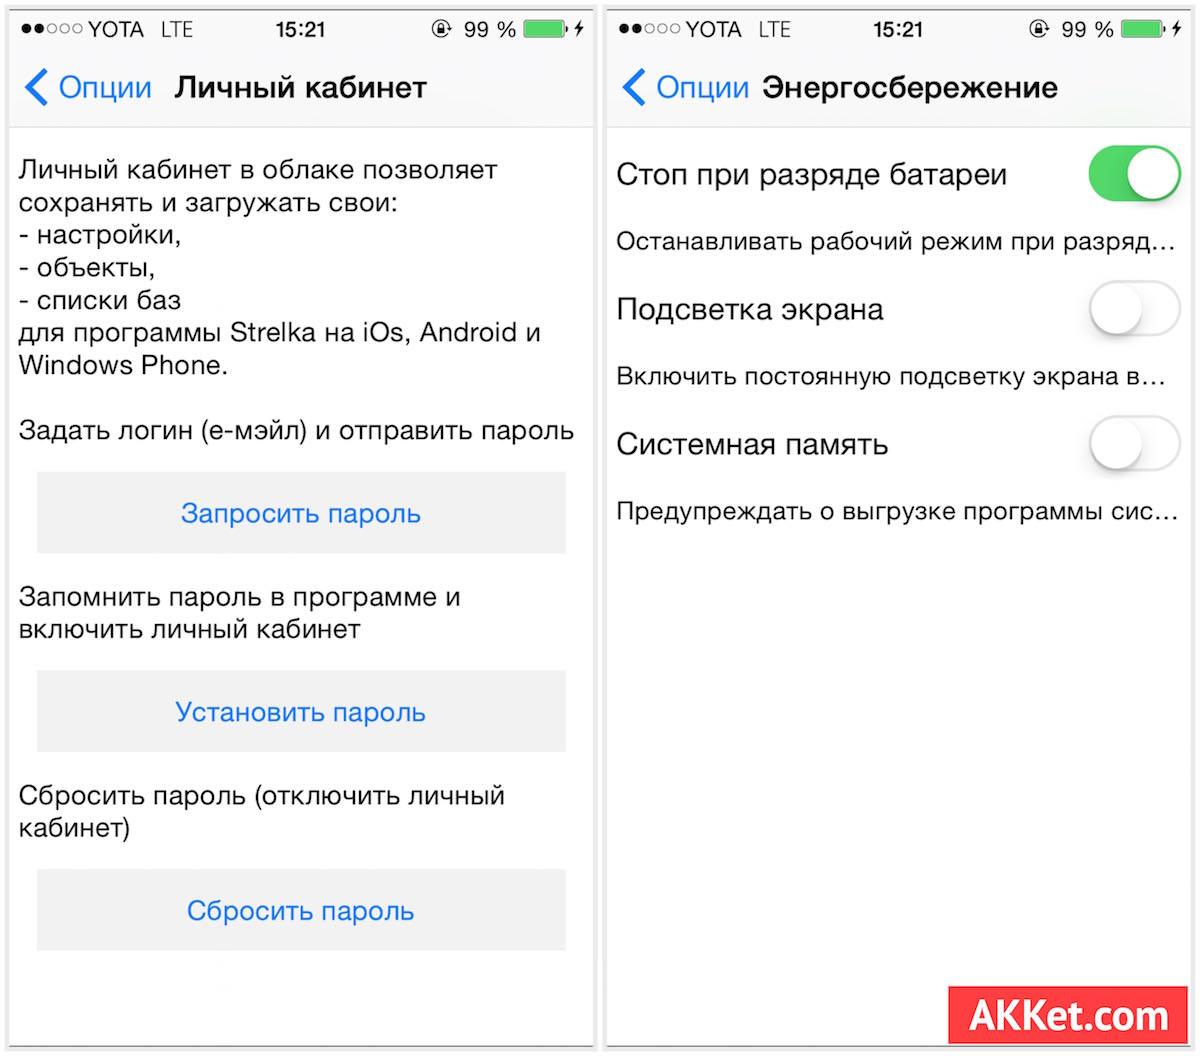 istrelka app store ios iphone ipad russia 6